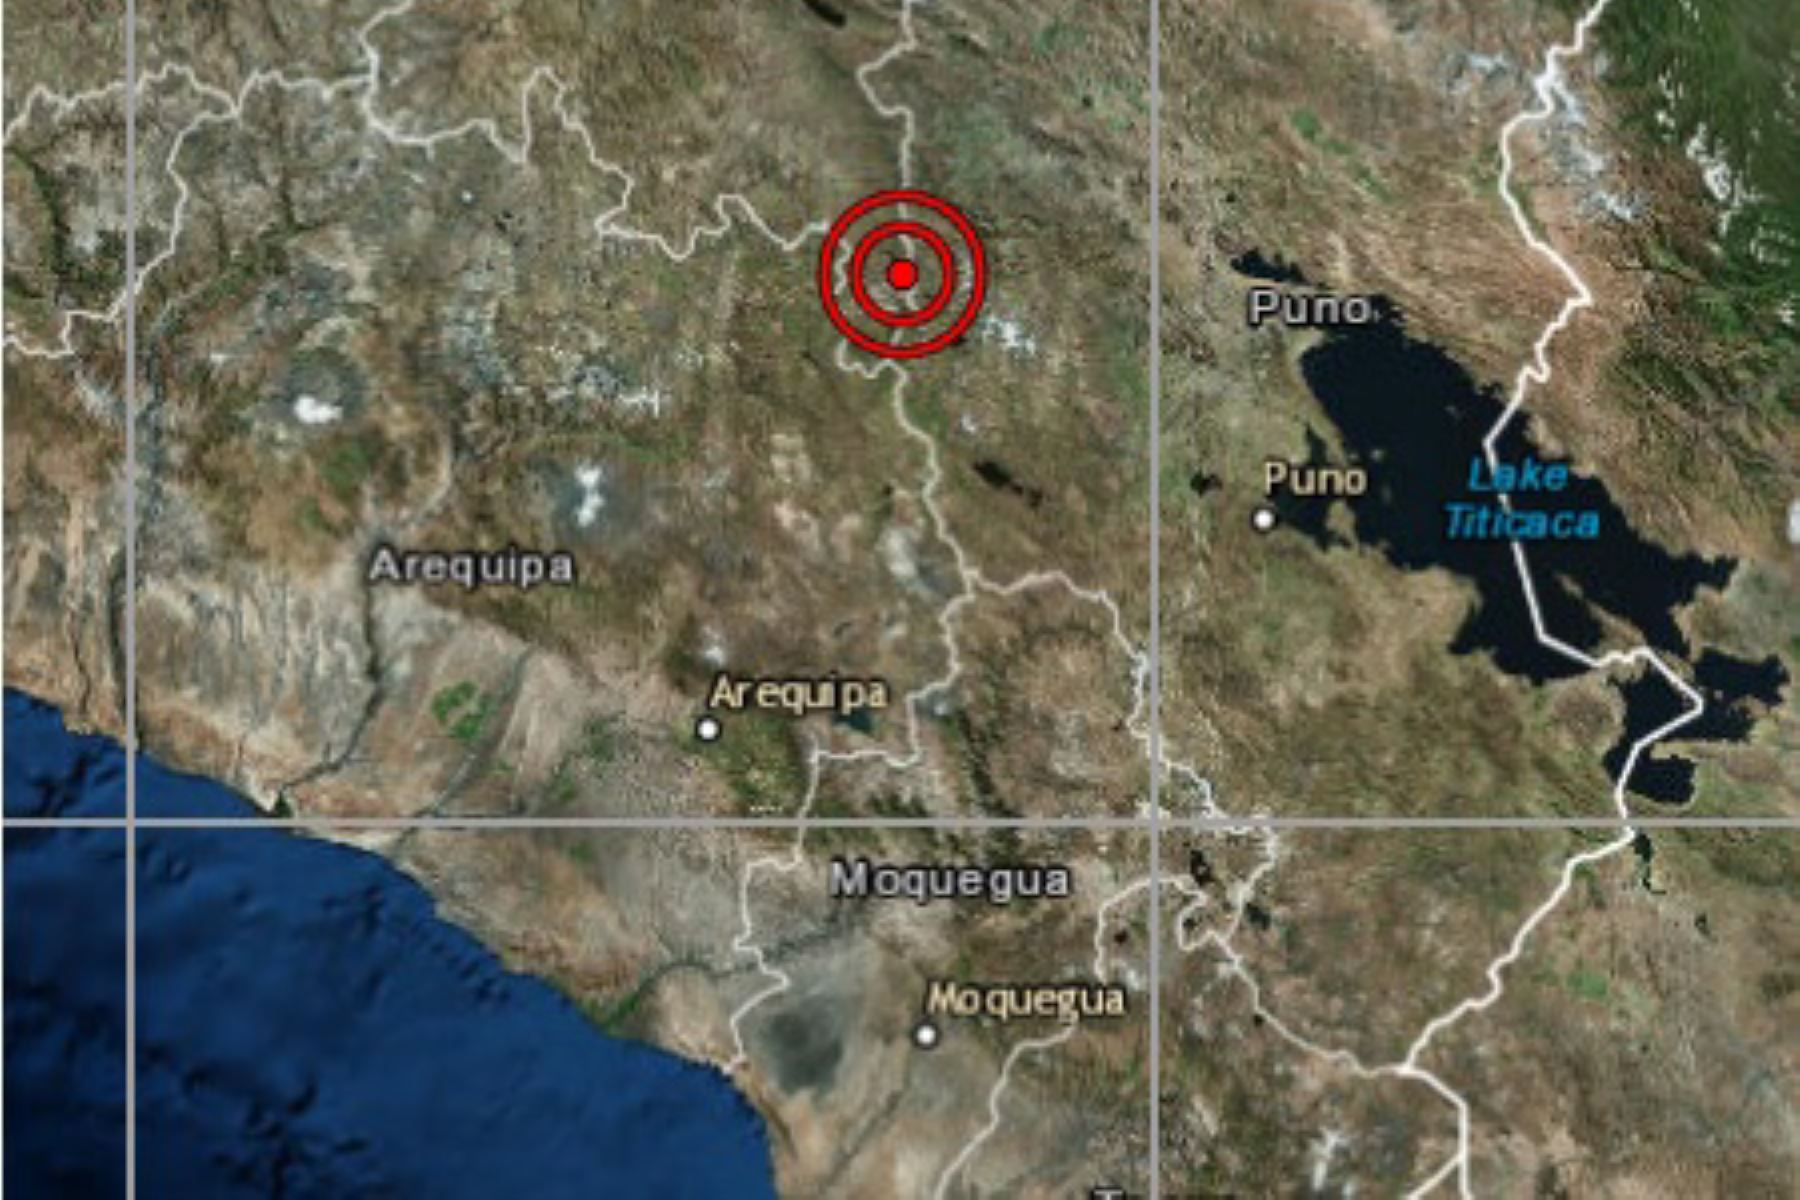 A las 19:09 horas ocurrió un movimiento sísmico de magnitud 5.1 en la provincia de Lampa, región Puno. Foto: INTERNET/Medios